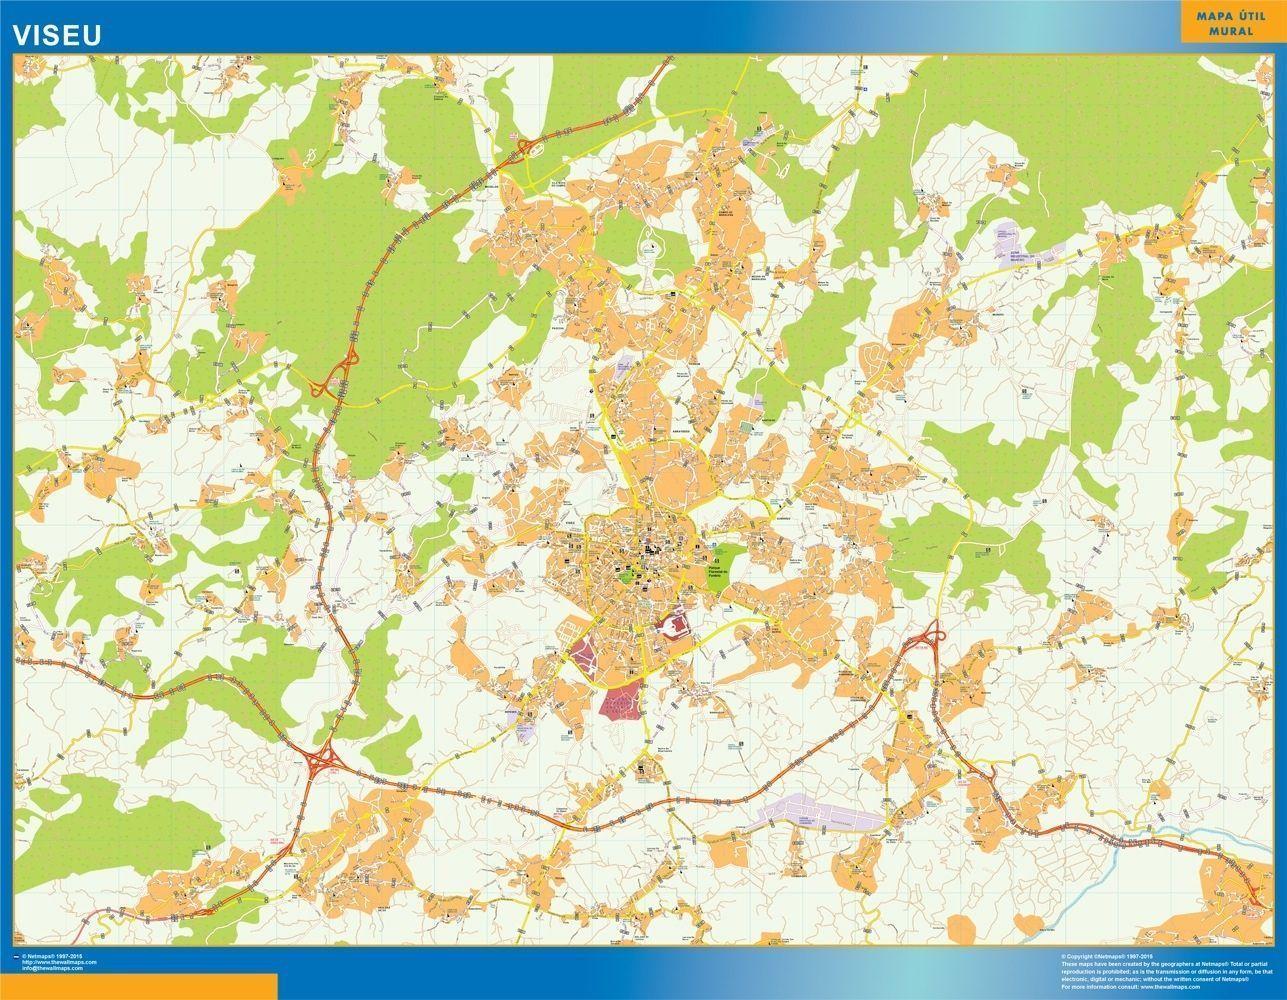 Viseu Mapa Digital Maps Netmaps Uk Vector Eps Wall Maps